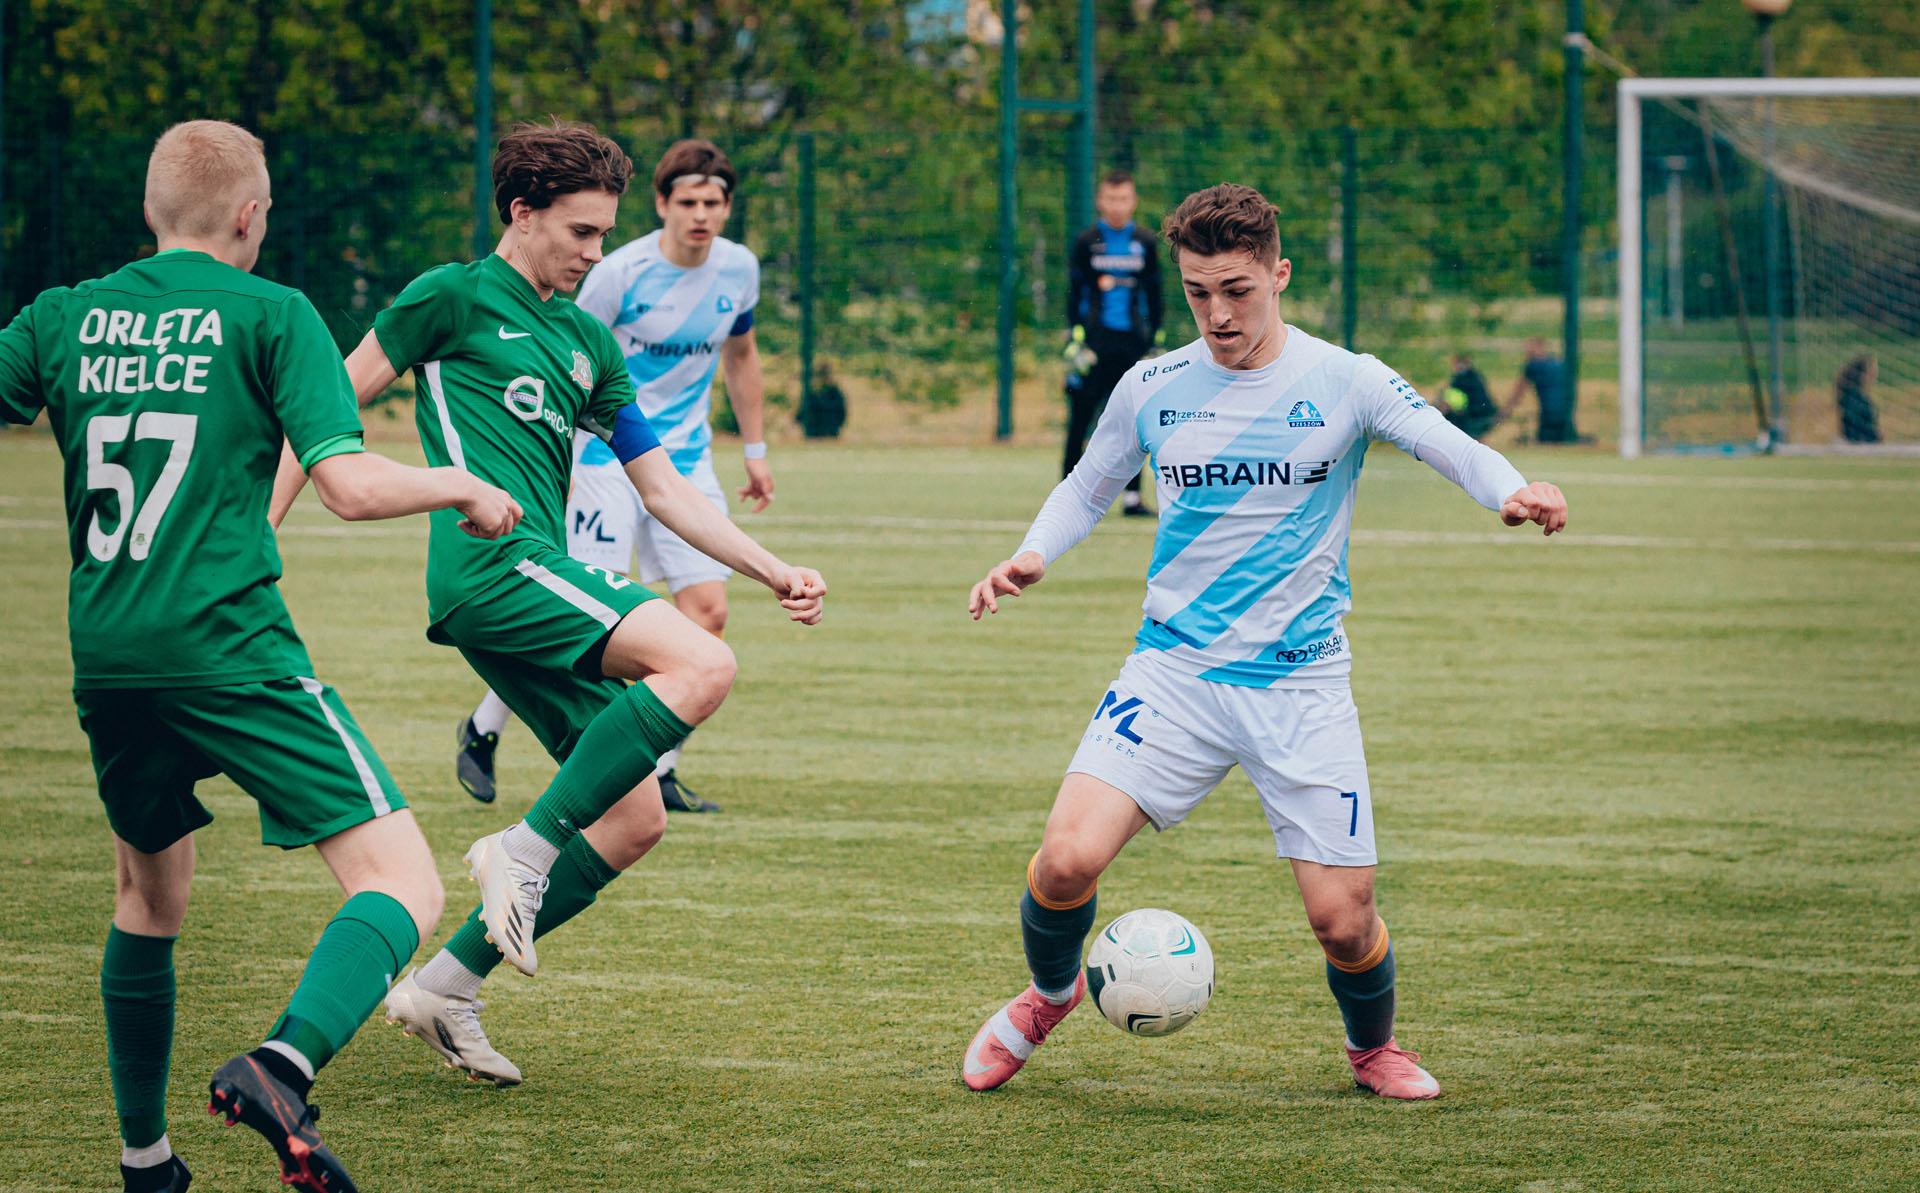 Stal Rzeszów U19 - Orlęta Kielce 16-05-2021, fot K.Krupa